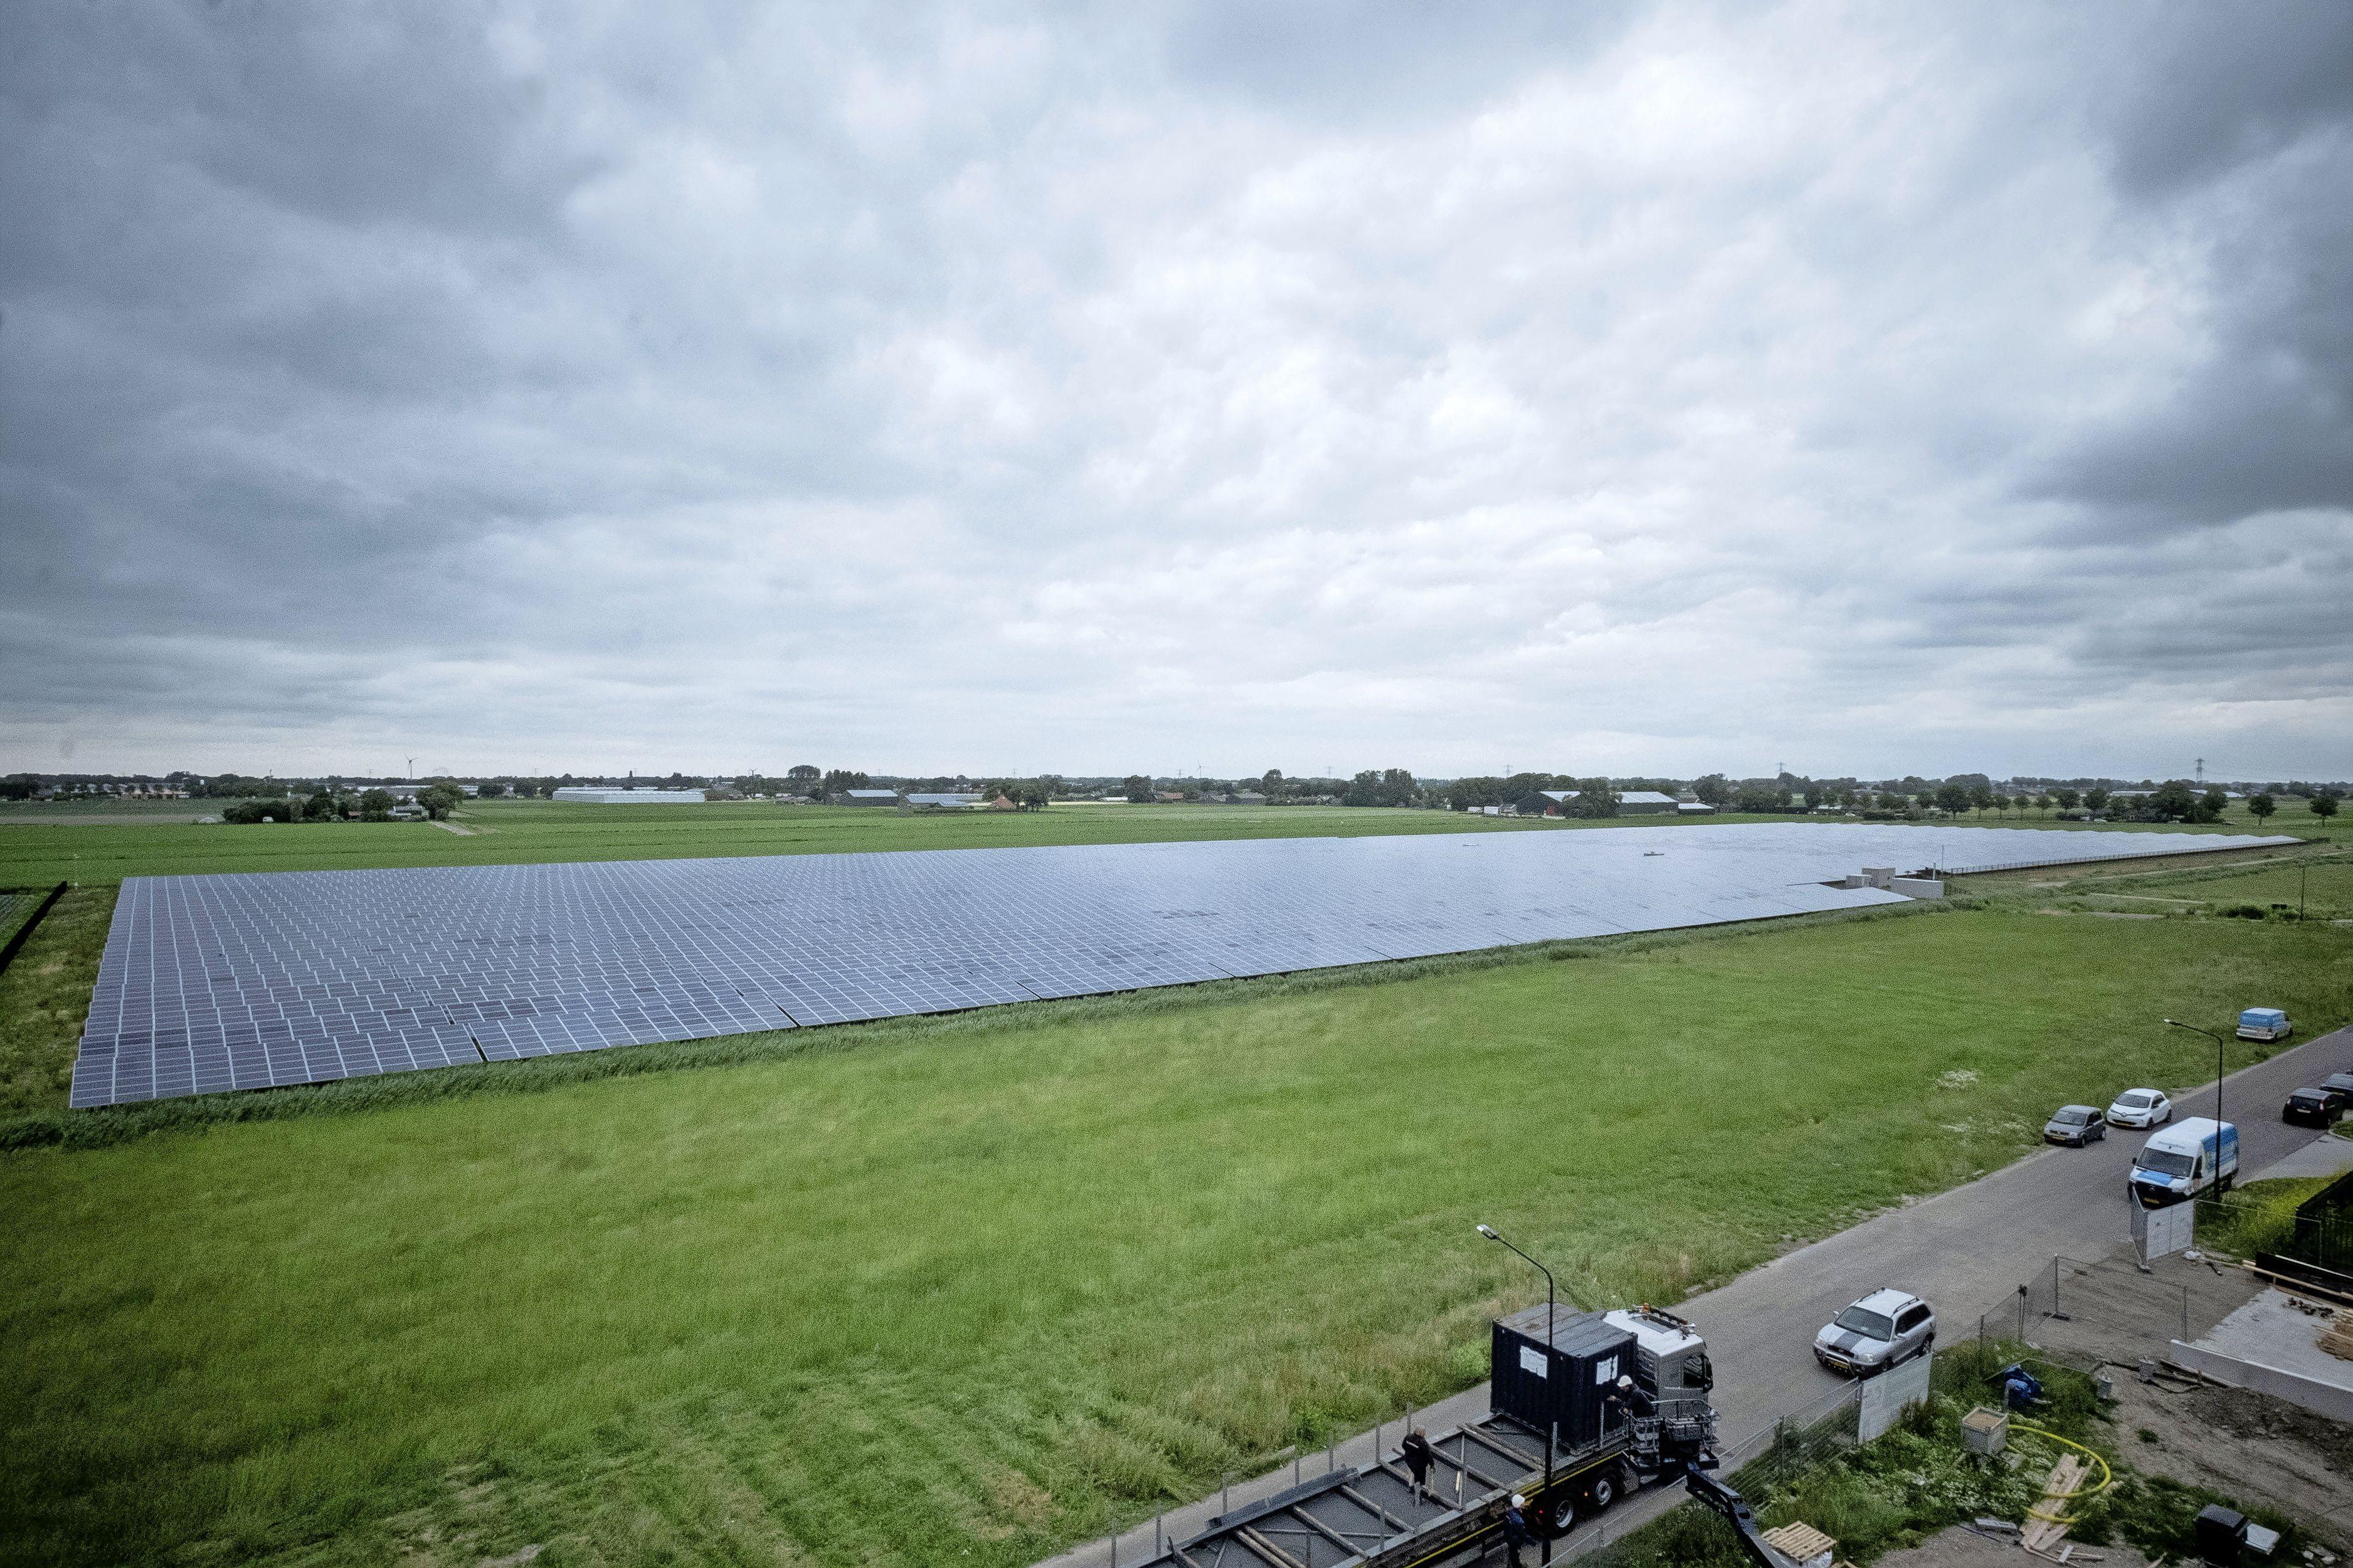 Hillegoms weidegebied blijft verschoond van zonnevelden en windmolens. Op bollenland mag het onder voorwaarden wel